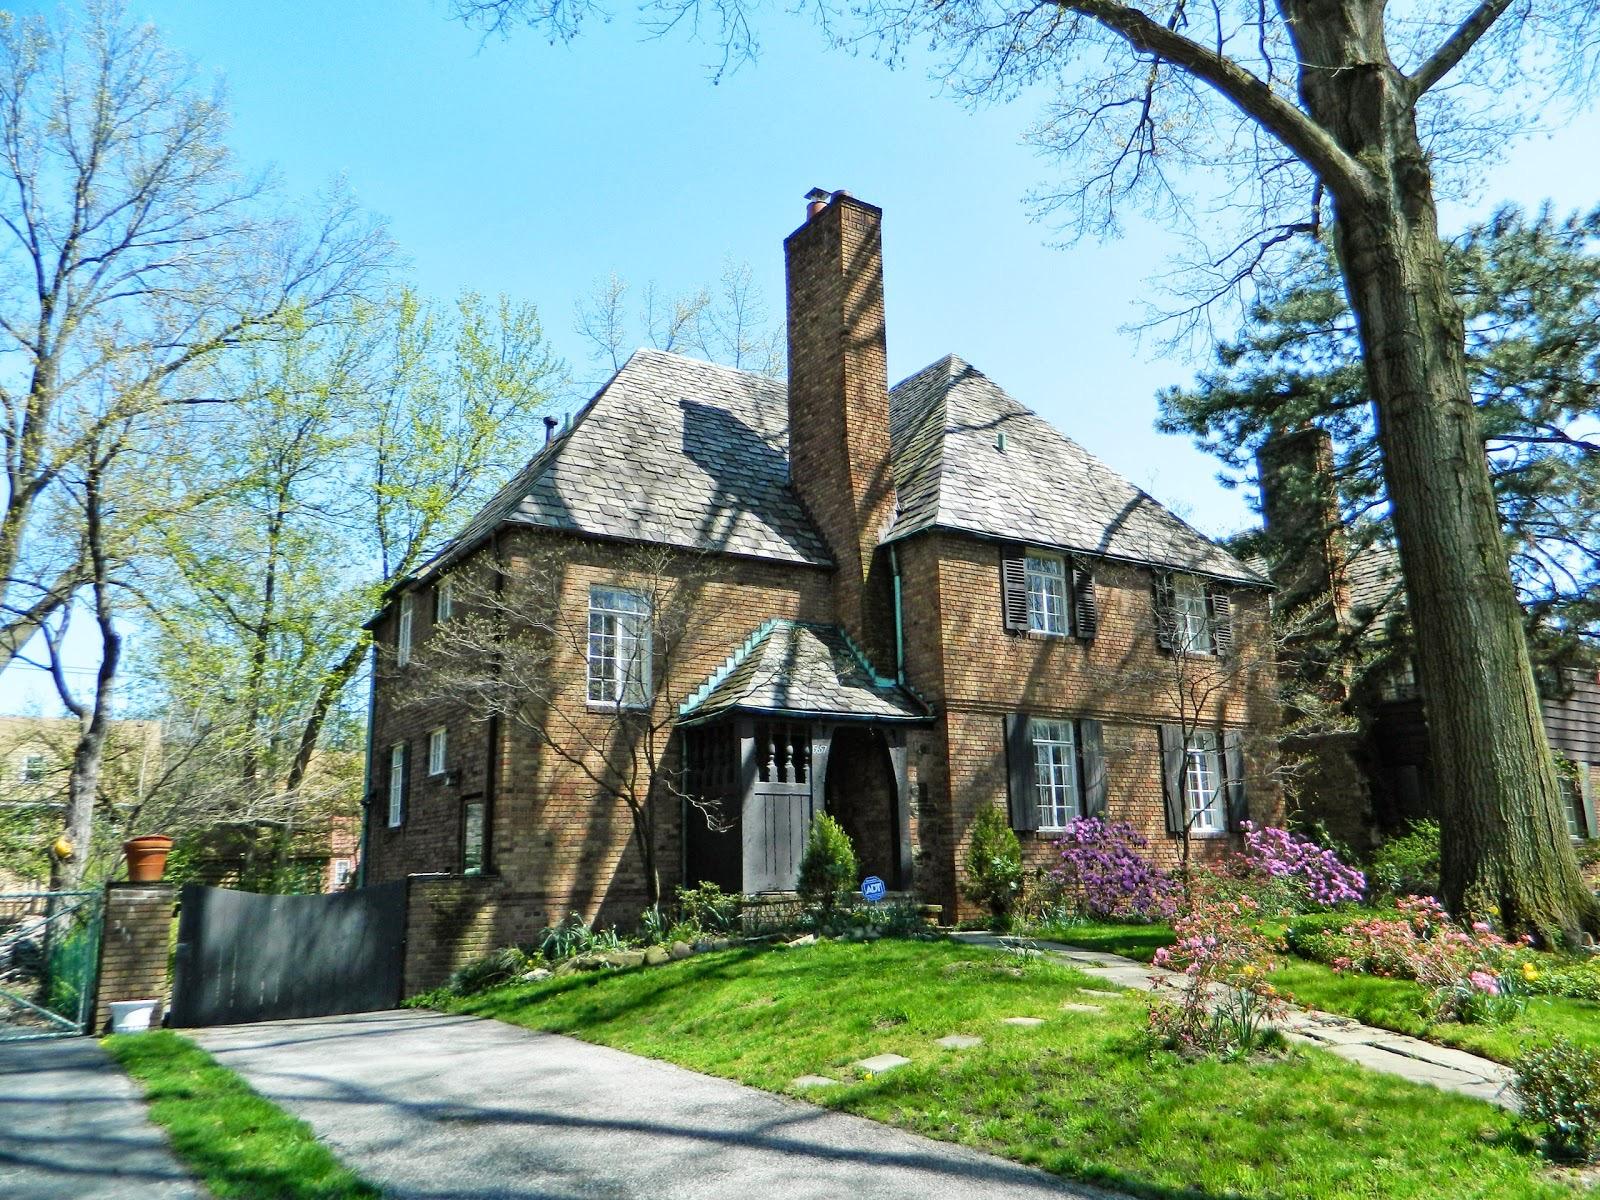 20130430074 E Cleveland Forest Hills 15657 Brewster 2 For Sale.jpg